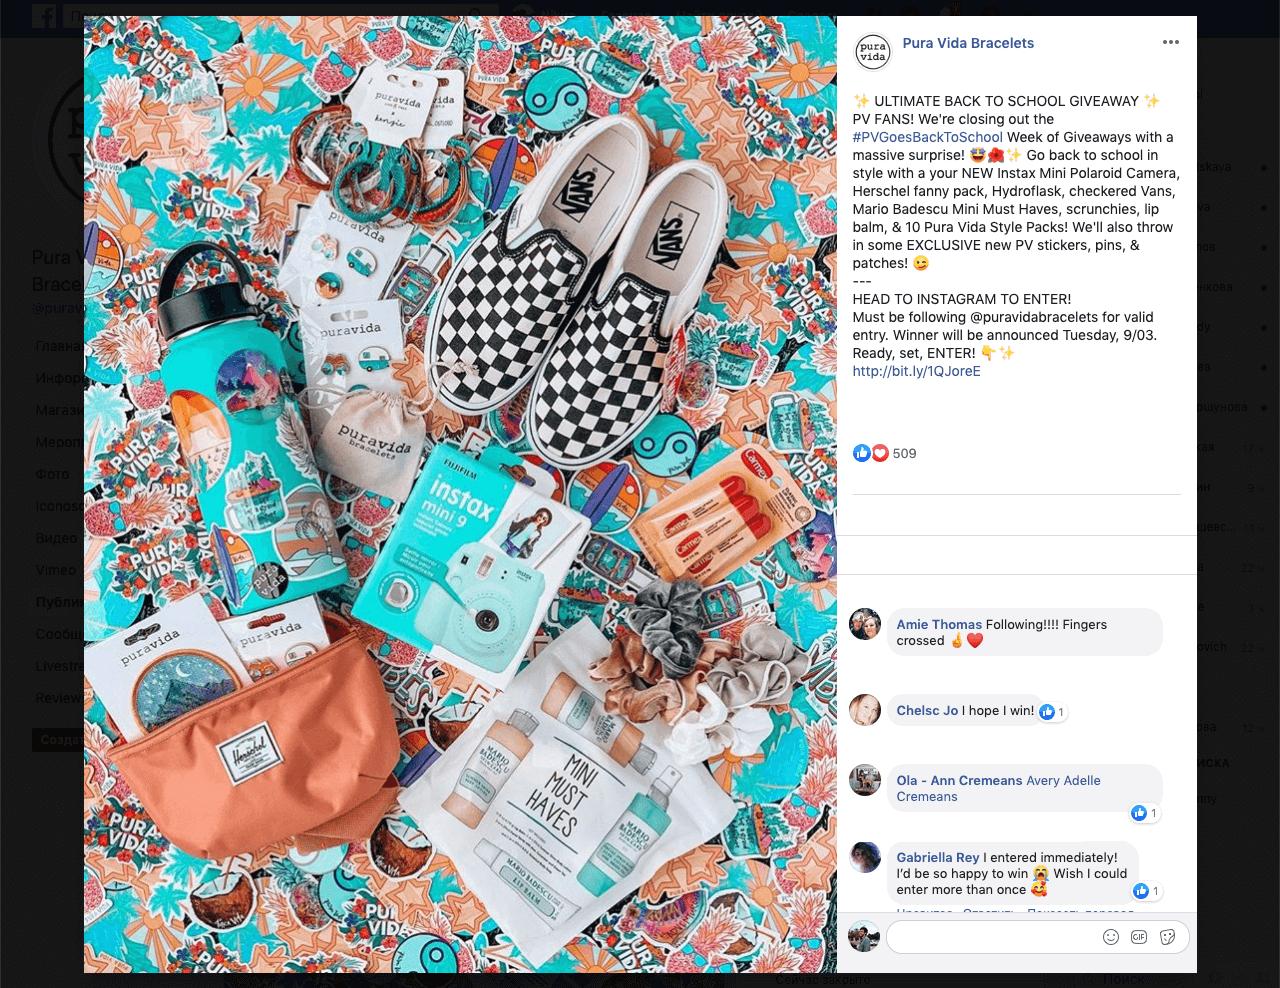 Facebook giveaway example by Pura Vida